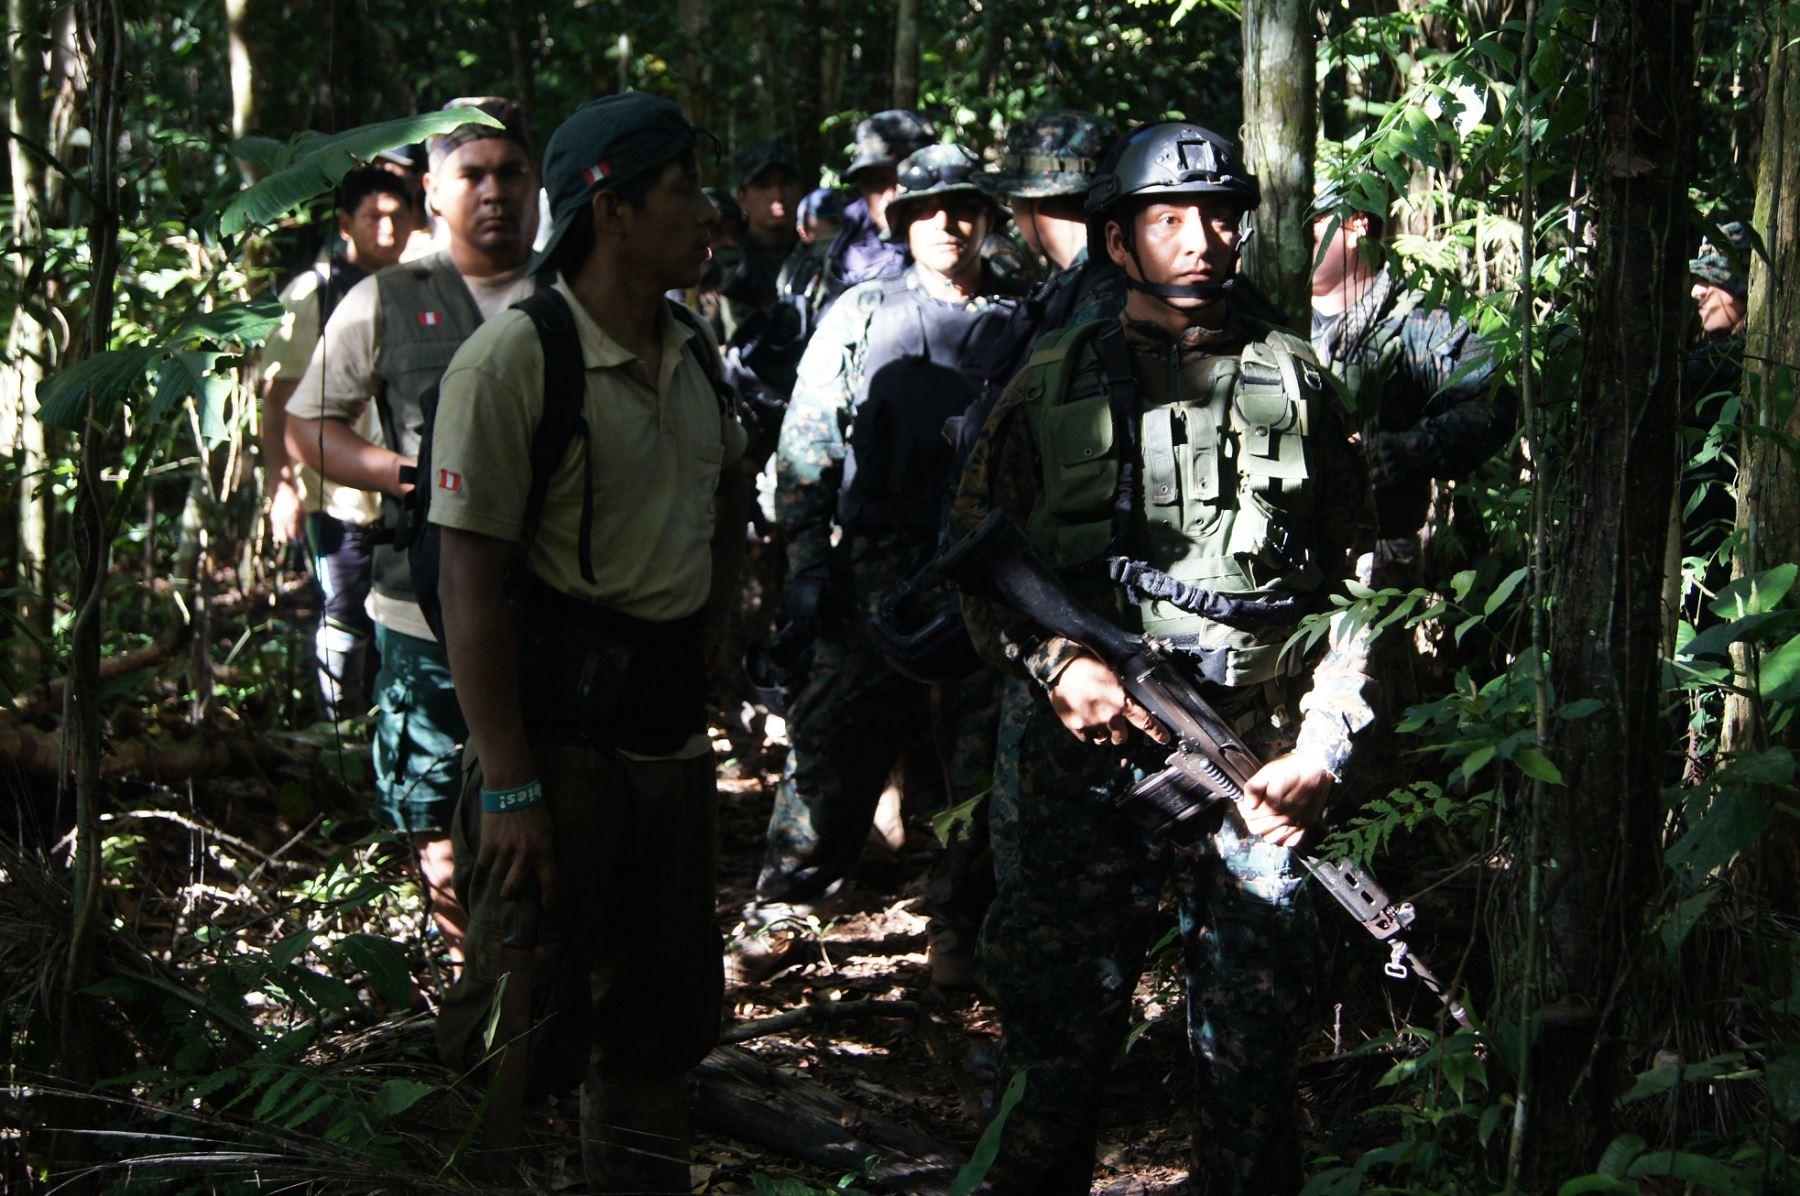 Presencia de la Fuerzas Armadas en la reserva de Tambopata ya es permanente.